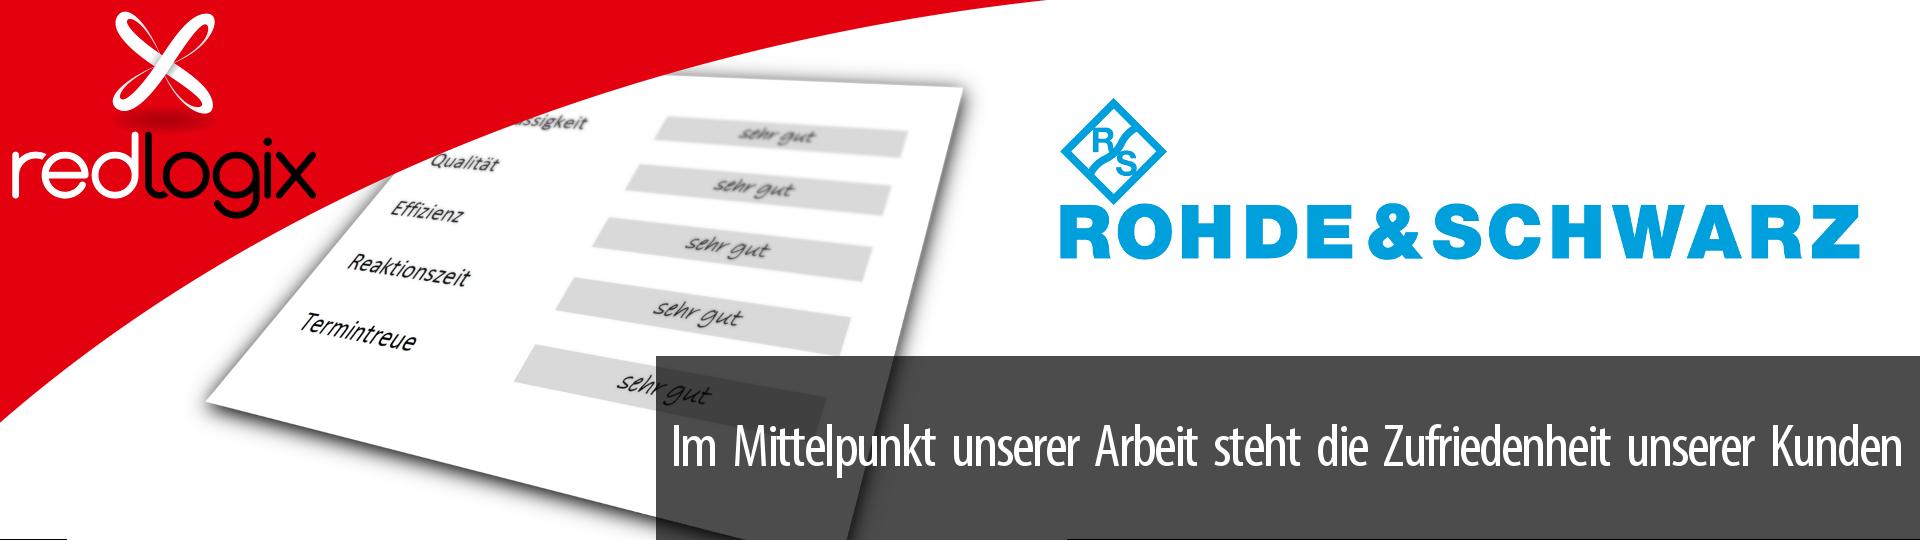 Impression Kundenzufriedenheit Rohde & Schwarz